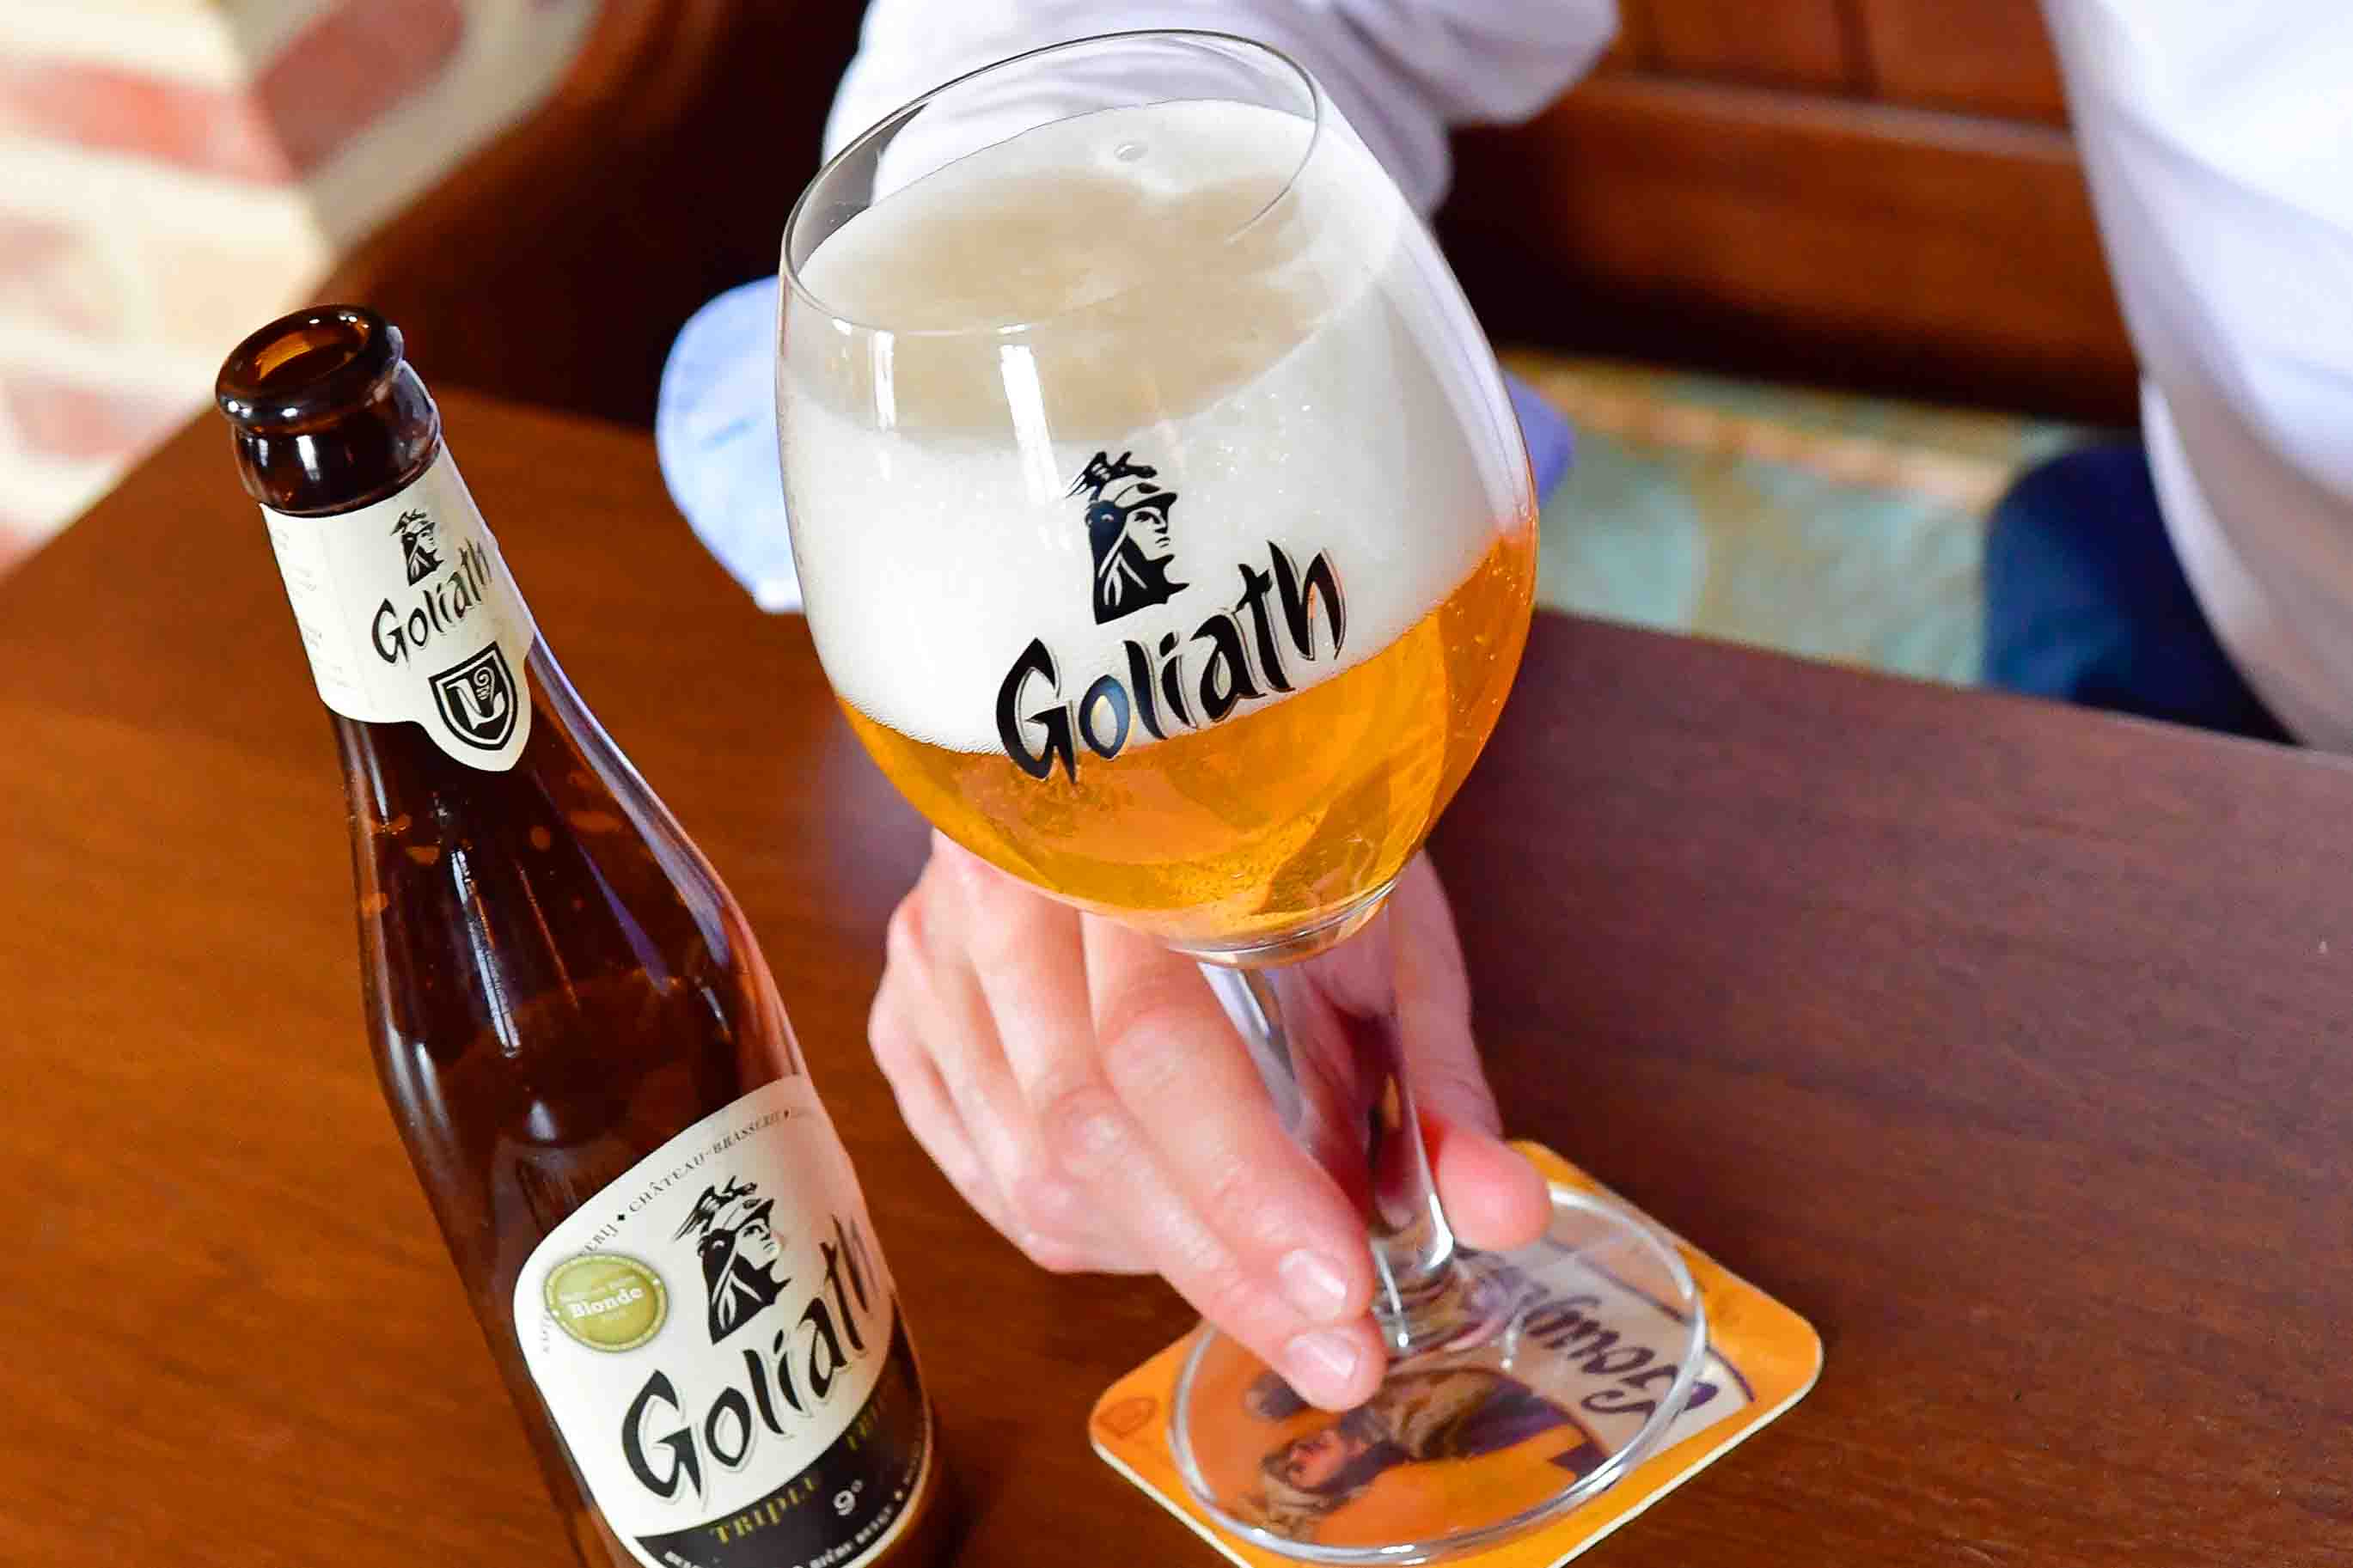 La Goliath, bière blonde - Brasserie des Légendes (c) beertourism